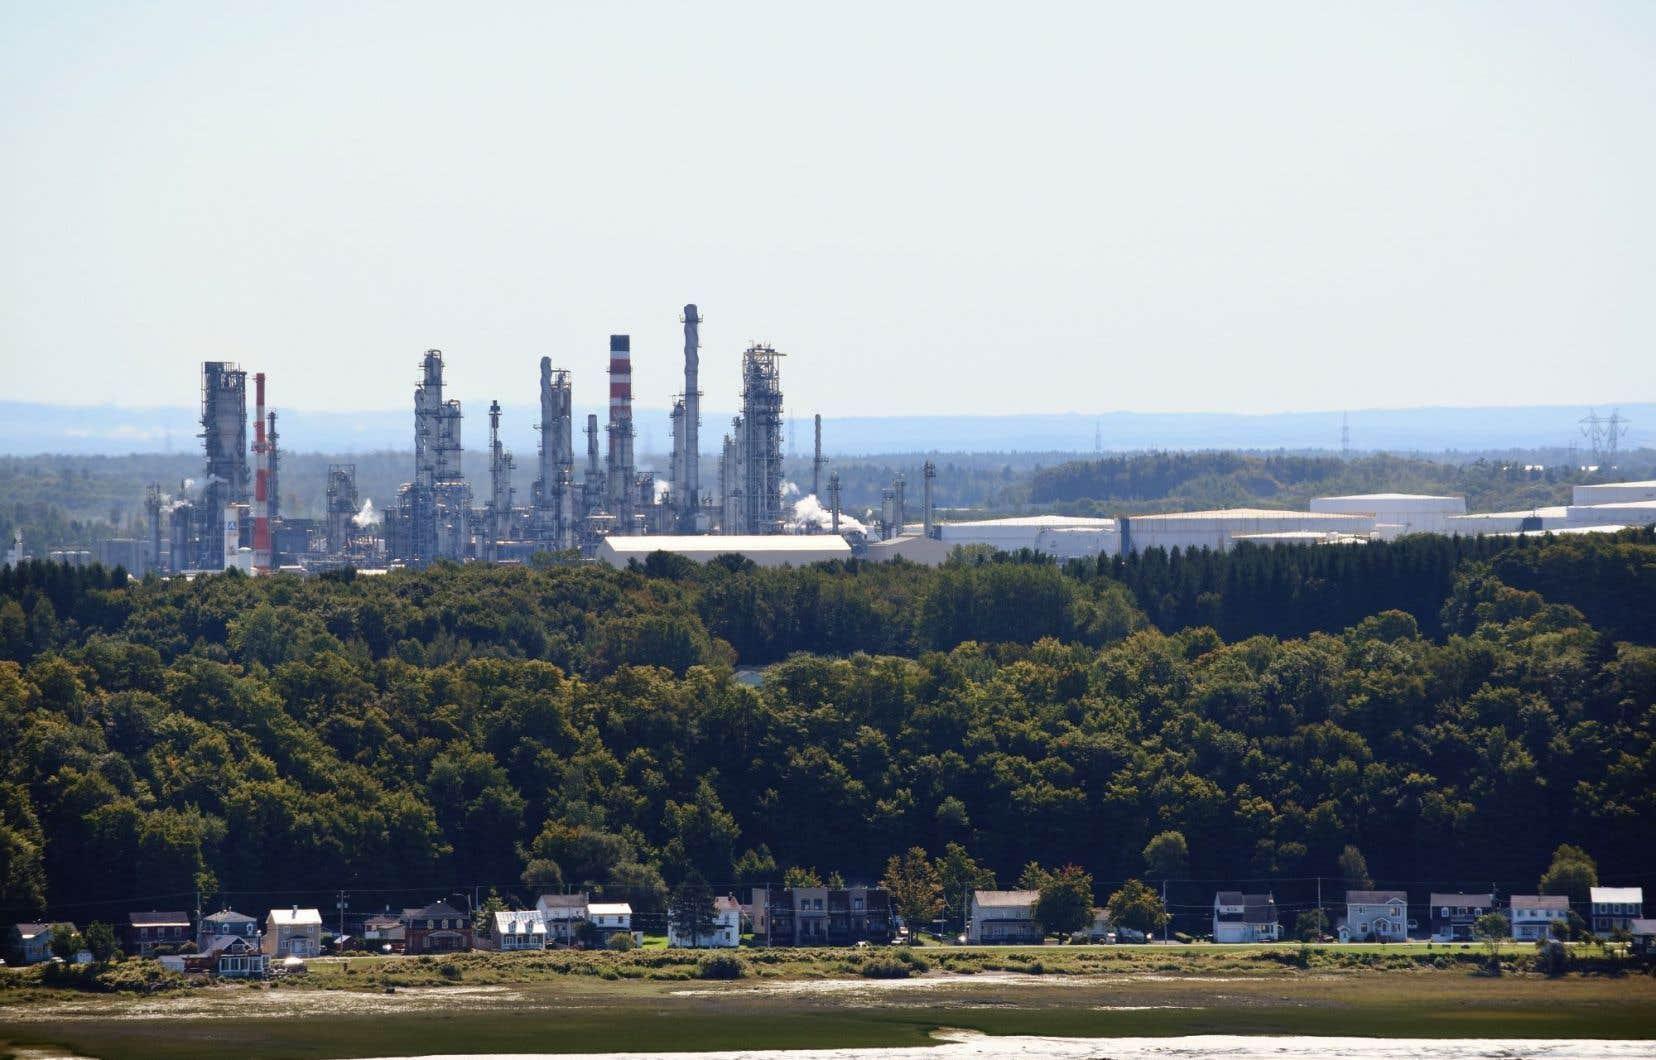 Le gouvernement Couillard veut réduire de 40% la quantité de pétrole consommé à travers tout le territoire d'ici 2030.